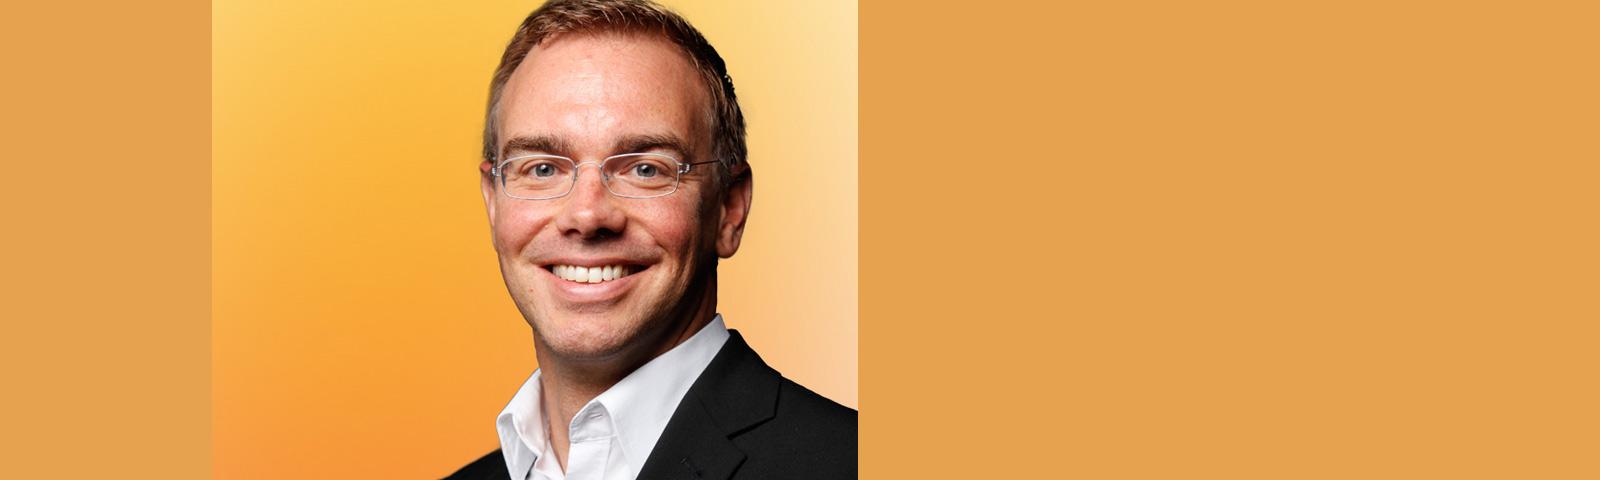 Oliver Brendel | Smart & nett Verlag